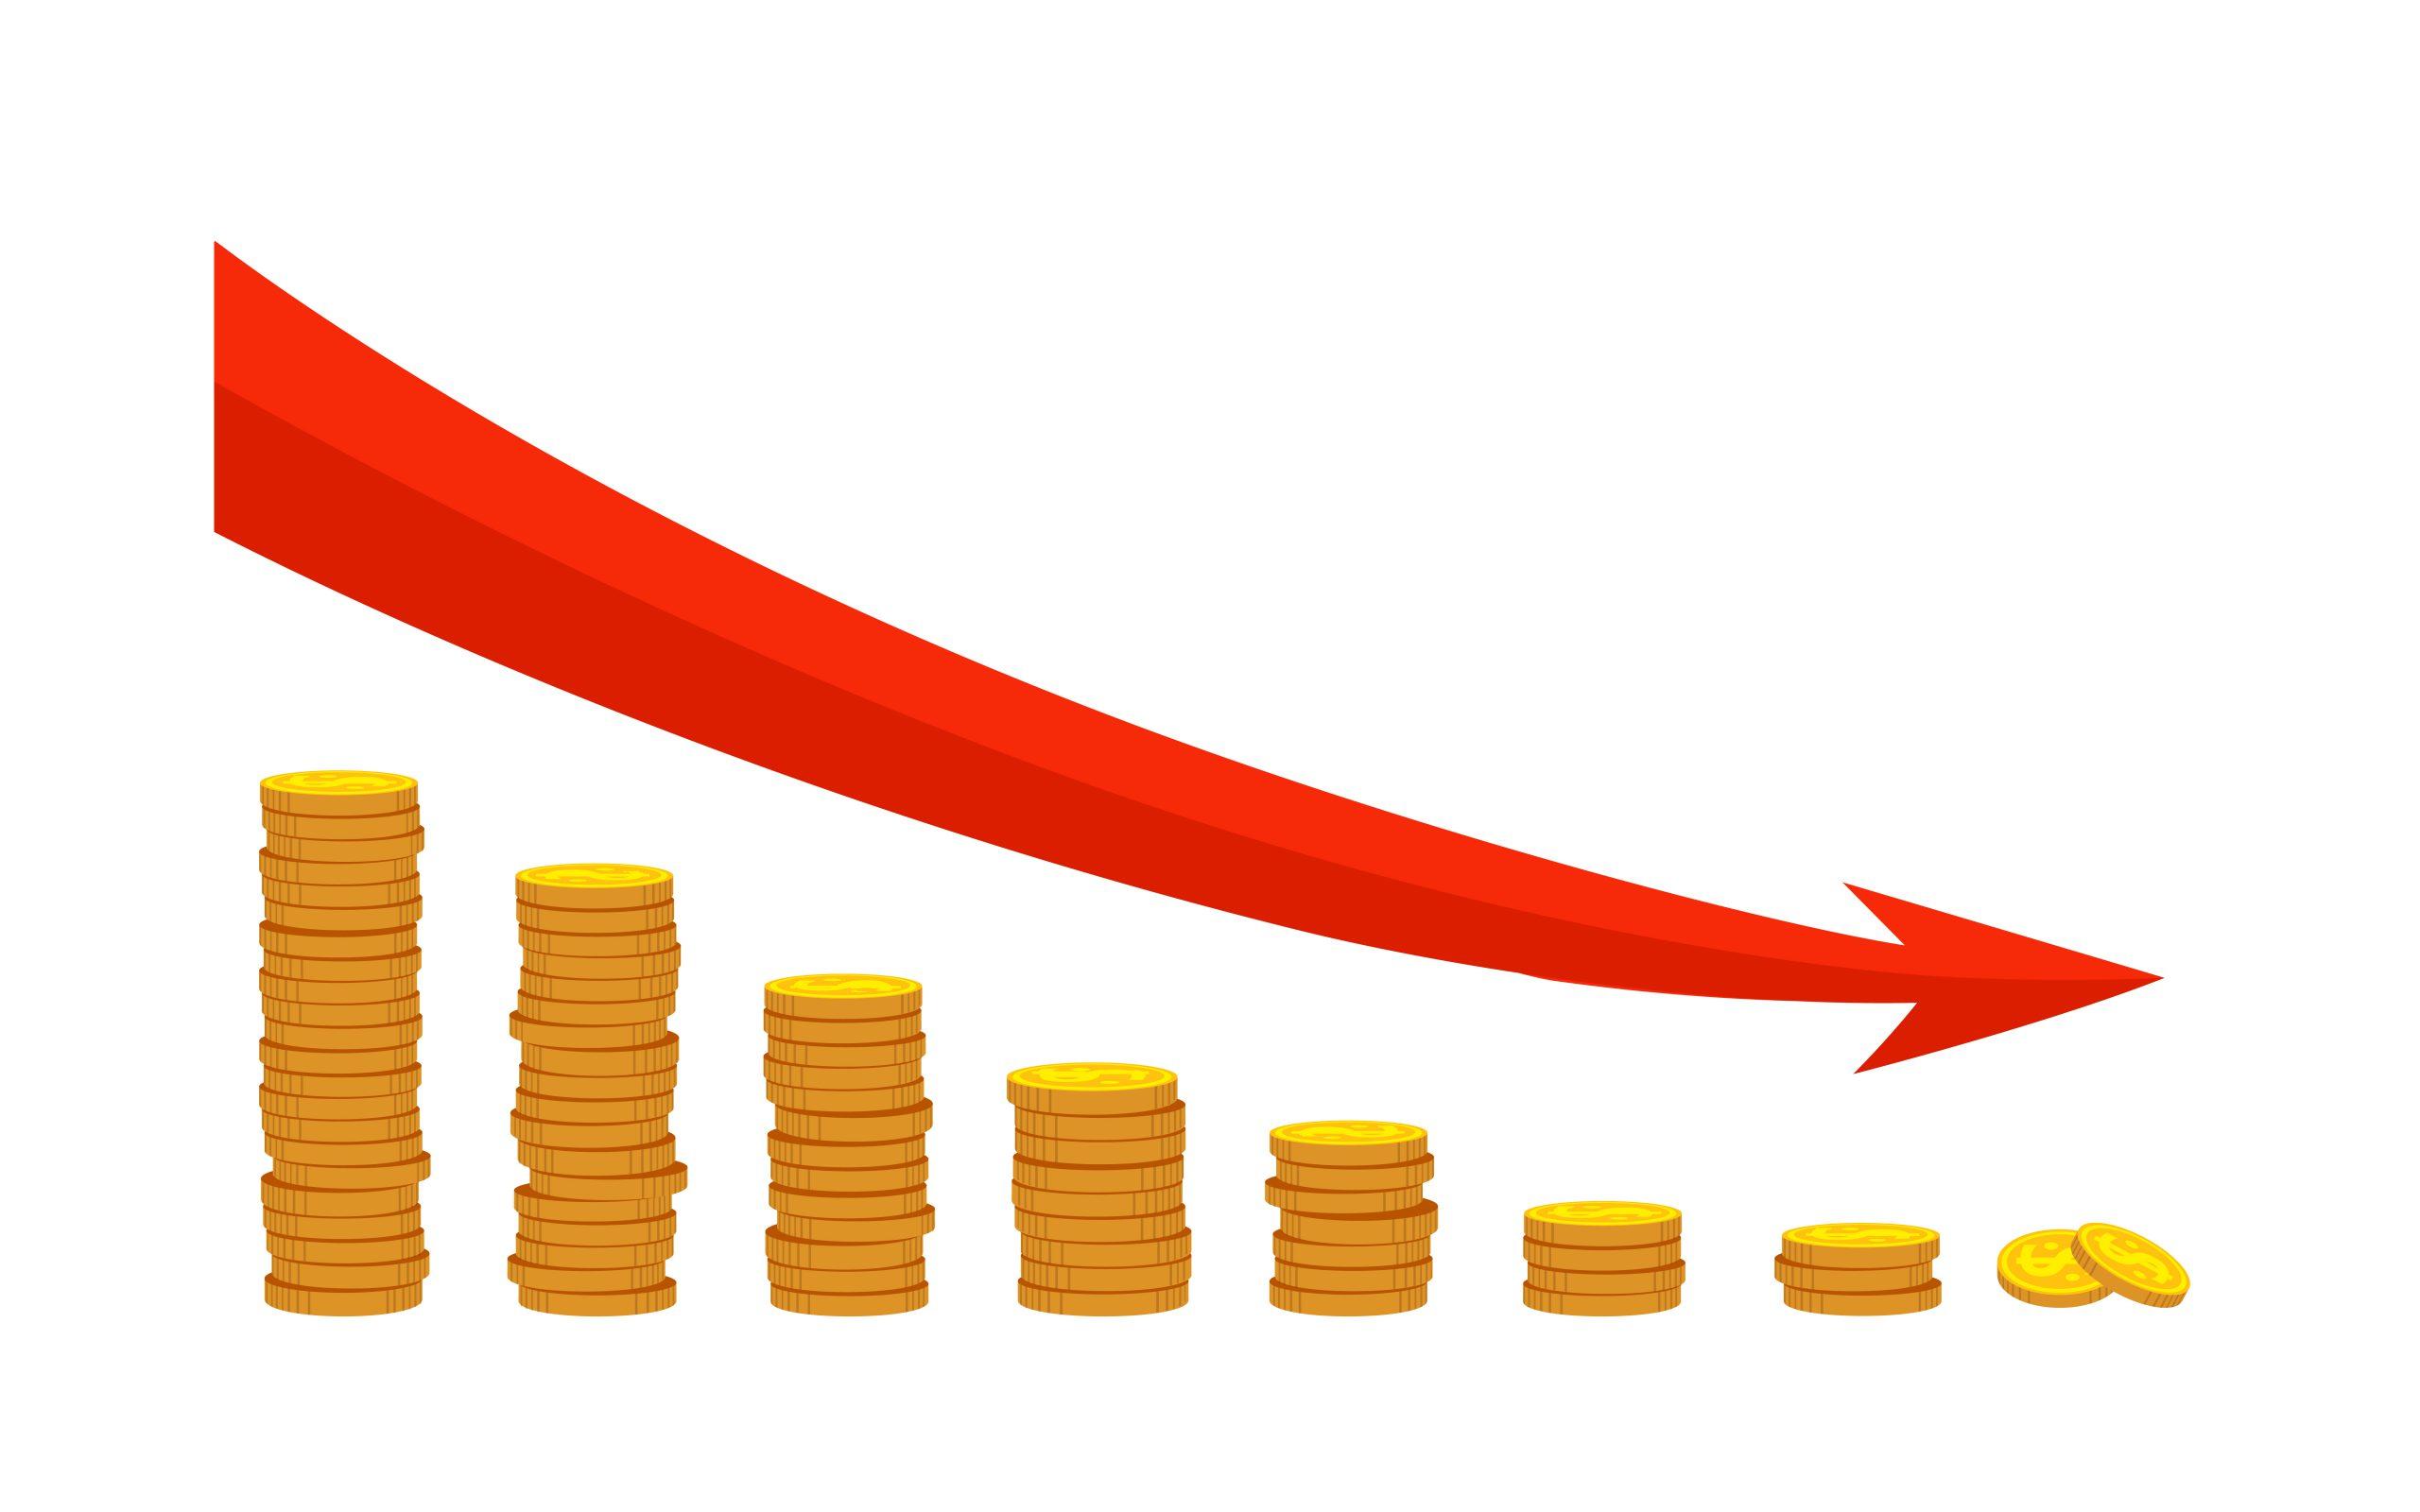 Giá vàng thế giới đang giảm mạnh những ngày đầu năm 2021